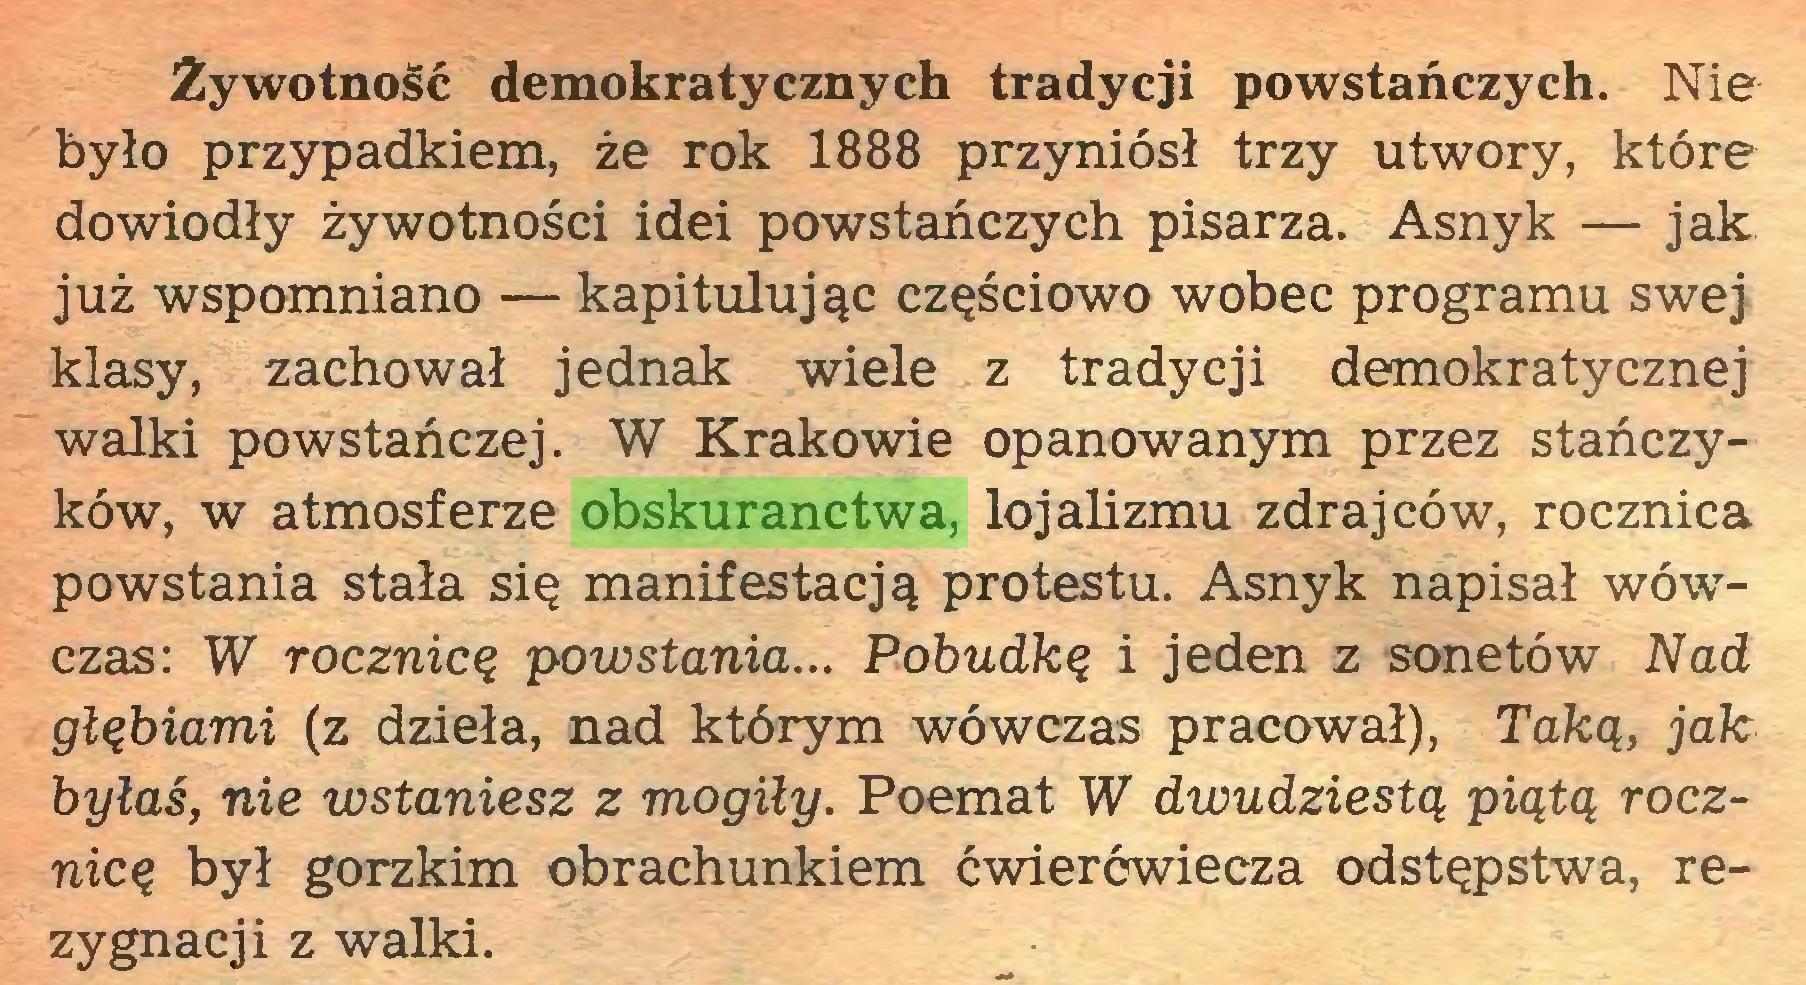 (...) Żywotność demokratycznych tradycji powstańczych. Nie było przypadkiem, że rok 1888 przyniósł trzy utwory, które dowiodły żywotności idei powstańczych pisarza. Asnyk — jak już wspomniano — kapitulując częściowo wobec programu swej klasy, zachował jednak wiele z tradycji demokratycznej walki powstańczej. W Krakowie opanowanym przez stańczyków, w atmosferze obskuranctwa, lojalizmu zdrajców, rocznica powstania stała się manifestacją protestu. Asnyk napisał wówczas: W rocznicą powstania... Pobudką i jeden z sonetów Nad głąbiami (z dzieła, nad którym wówczas pracował), Taką, jak byłaś, nie wstaniesz z mogiły. Poemat W dwudziestą piątą rocznicą był gorzkim obrachunkiem ćwierćwiecza odstępstwa, rezygnacji z walki...